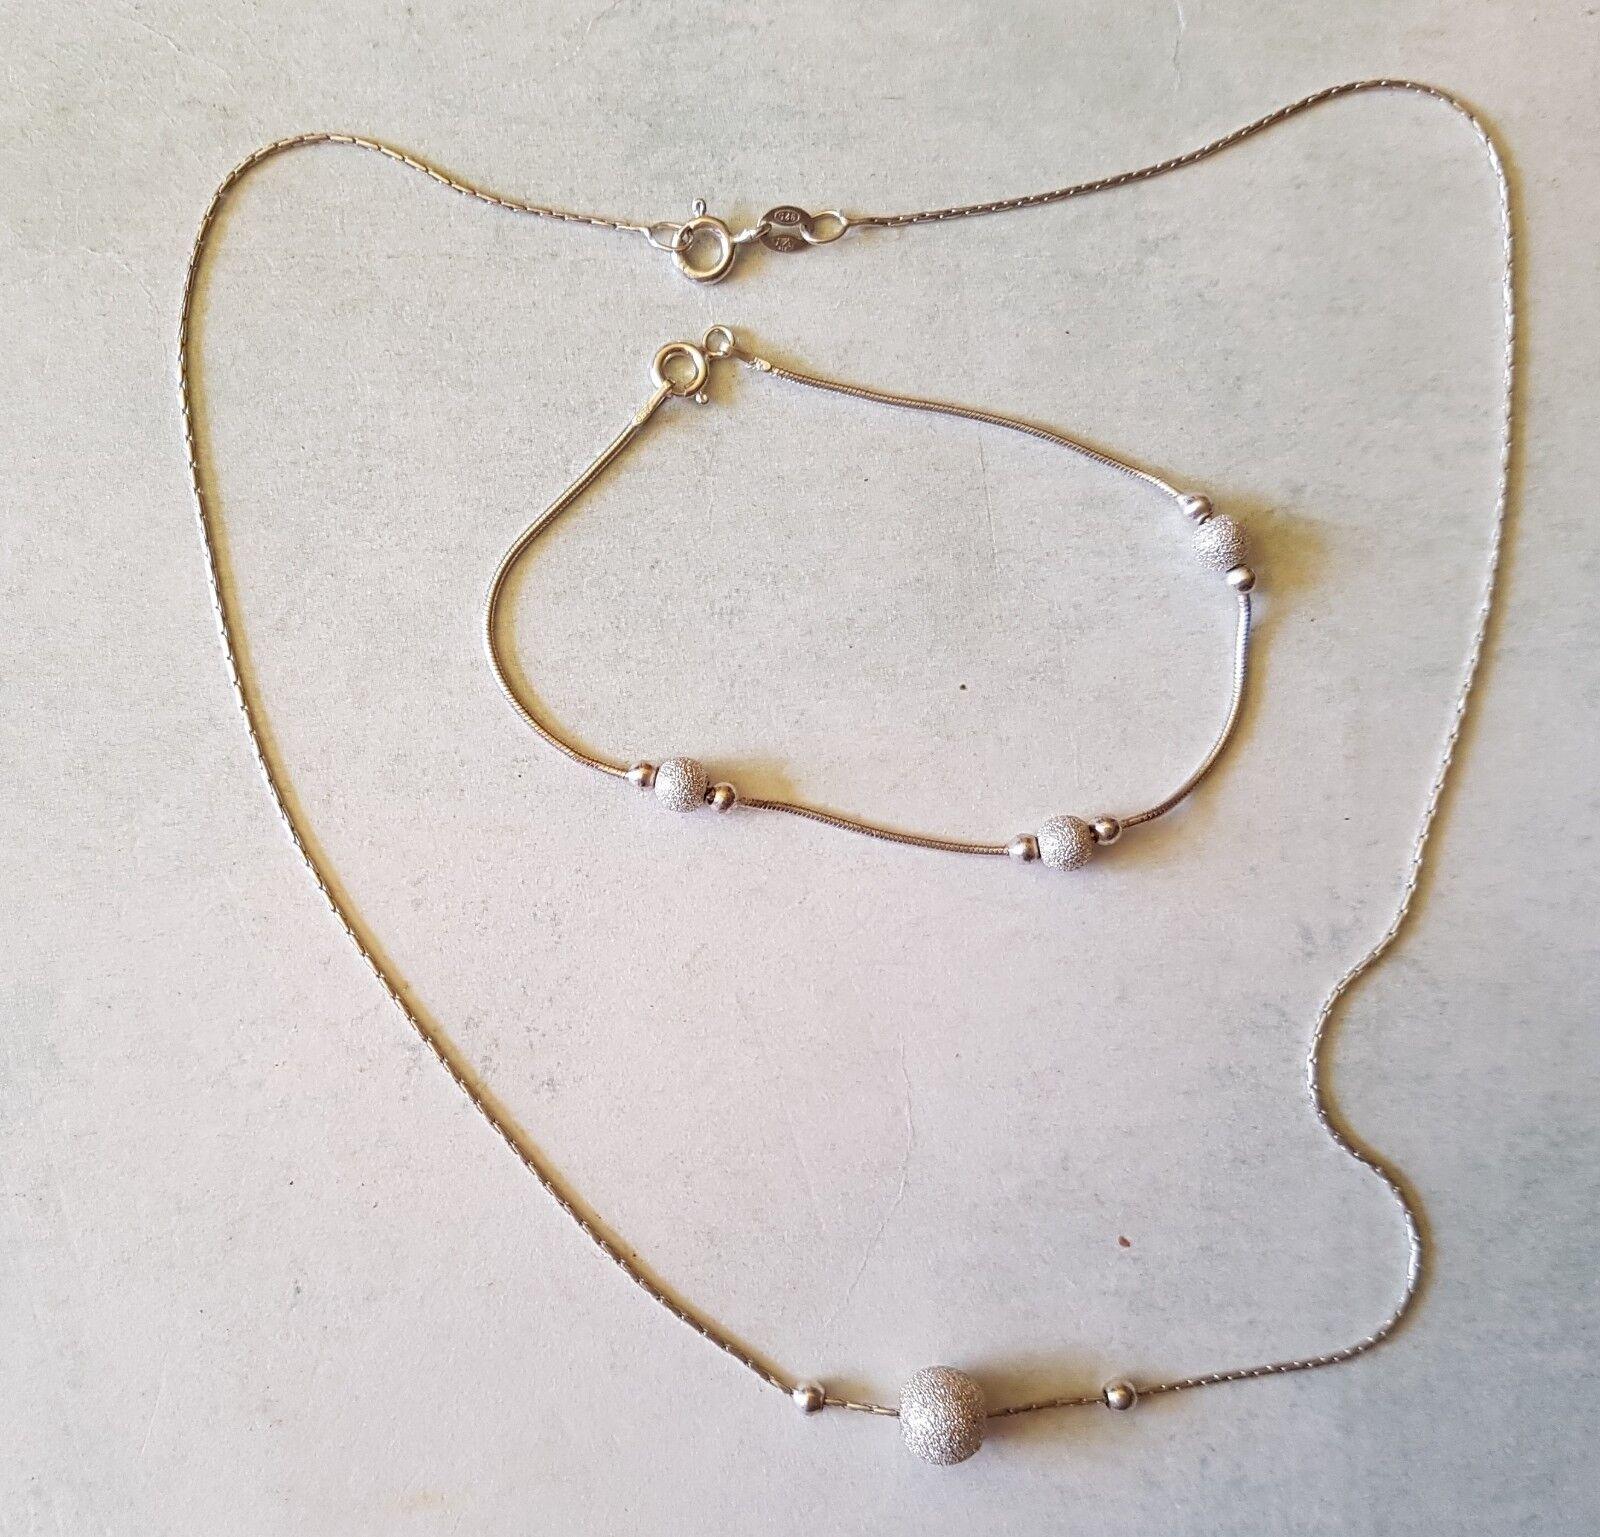 Ensembre collier et bracelet assortis en silver massif (Ref. 347)